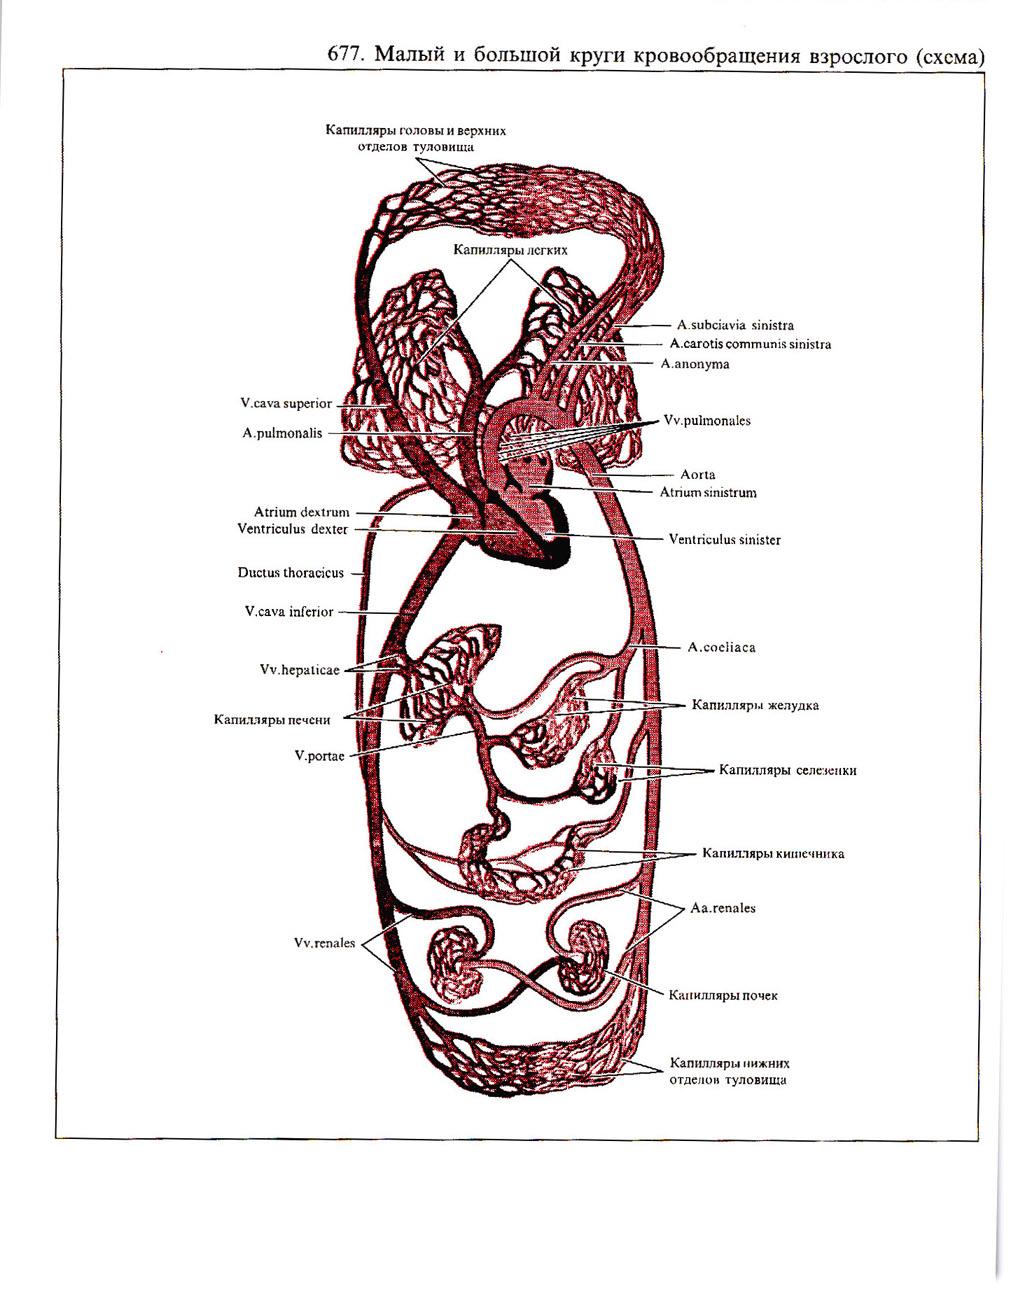 Схема кругов кровообращения человека картинки Анатомия: Малый круг кровообращения